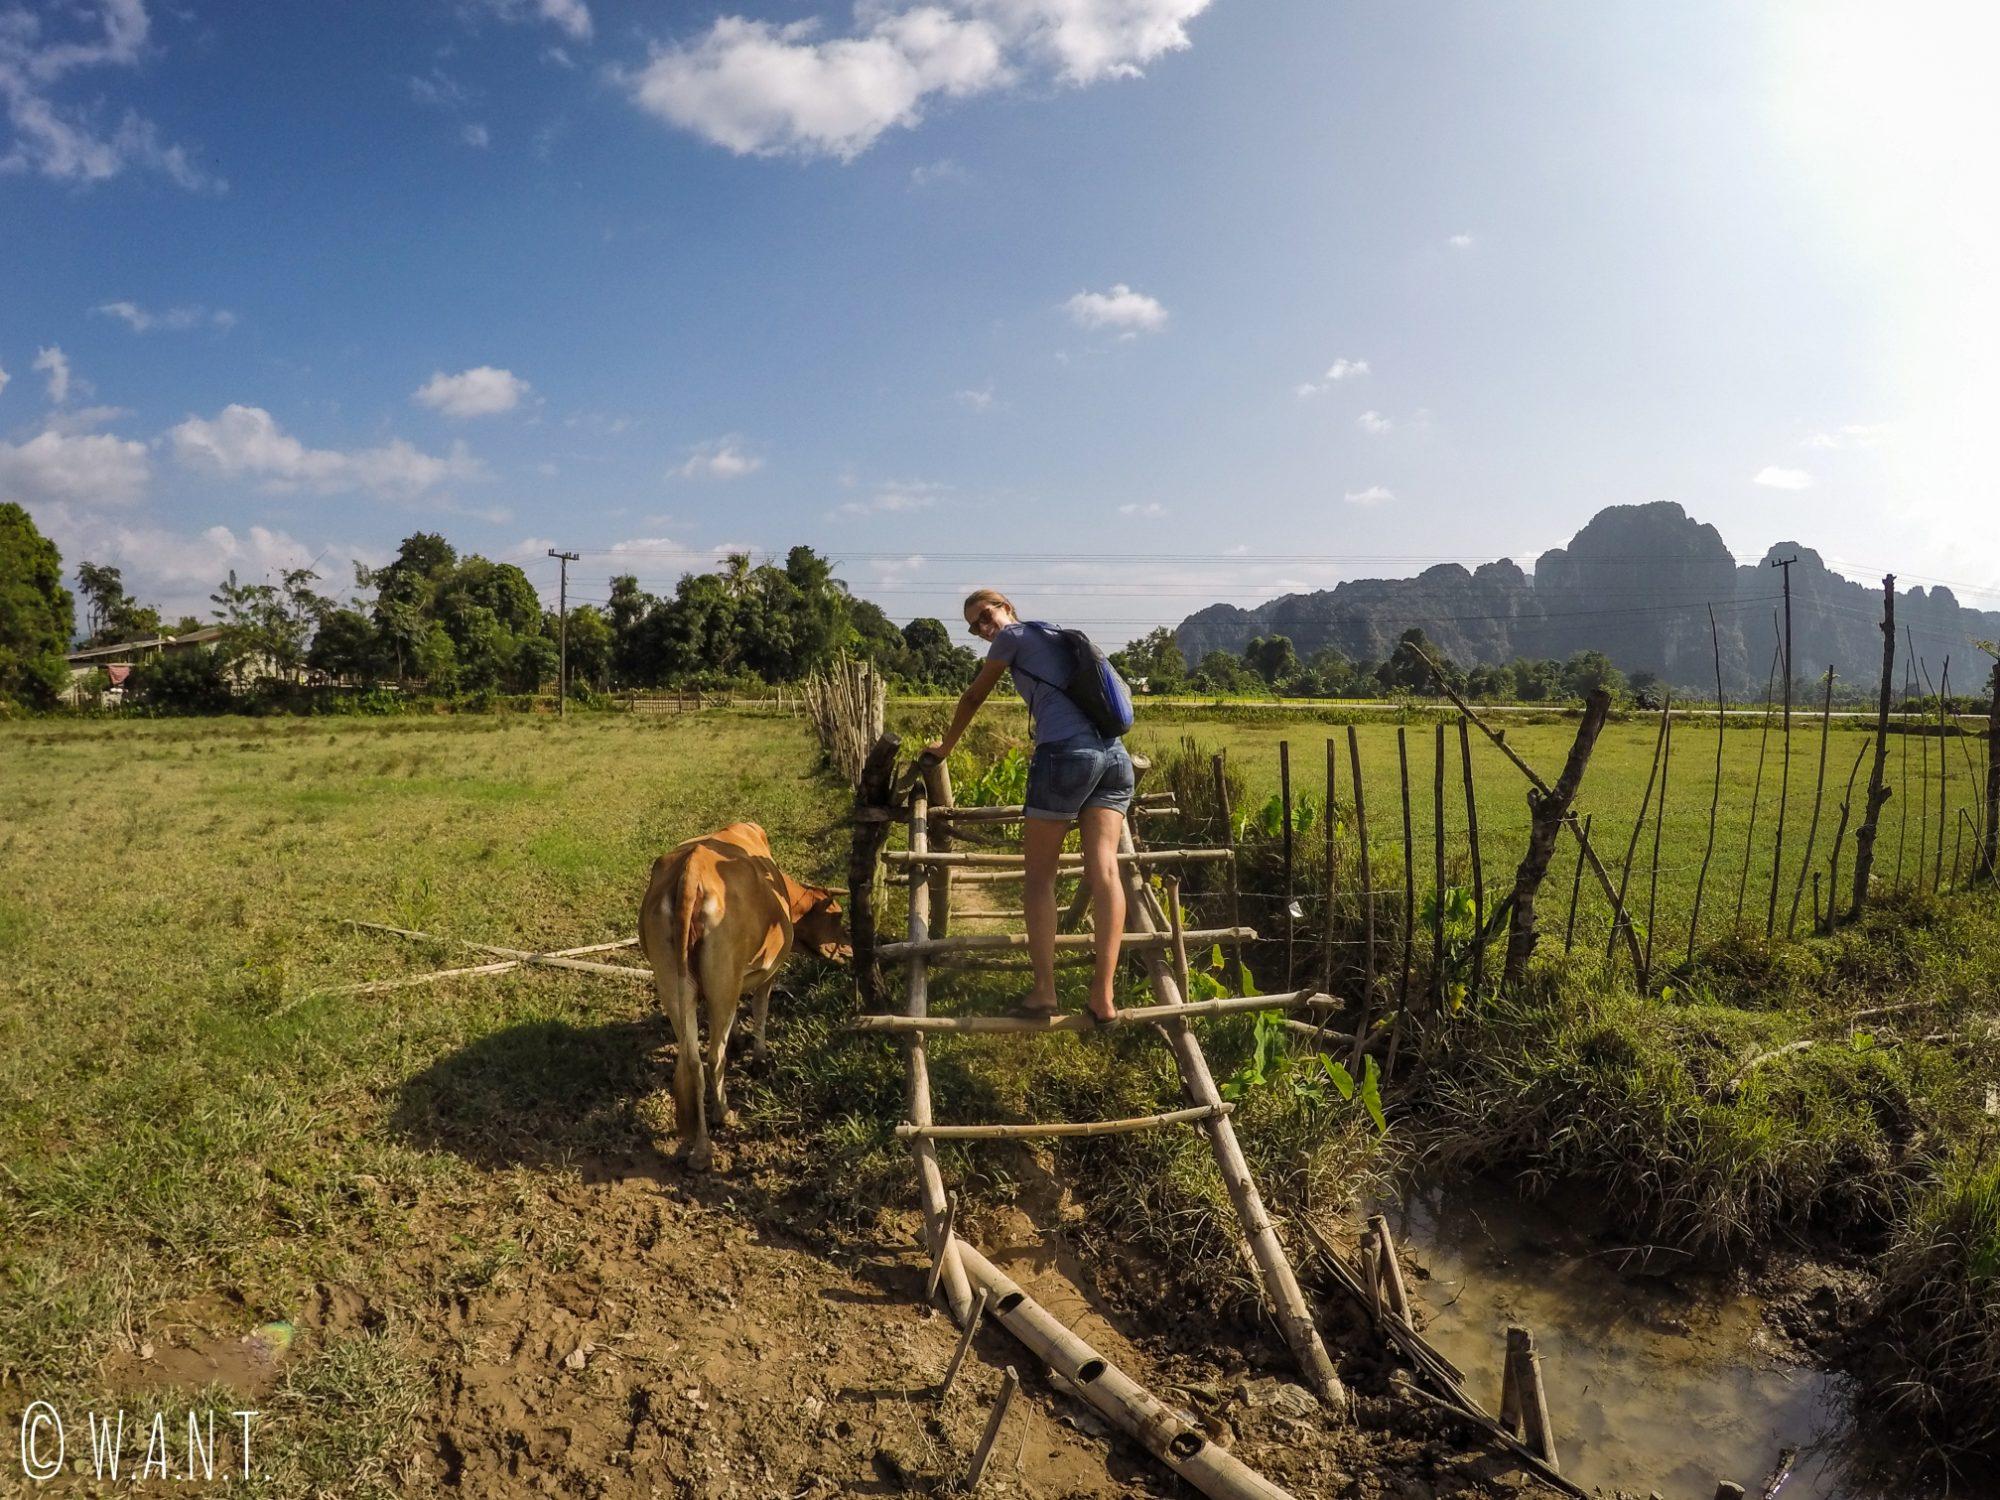 Marion en train de traverser une échelle dans un champ de Vang Vieng